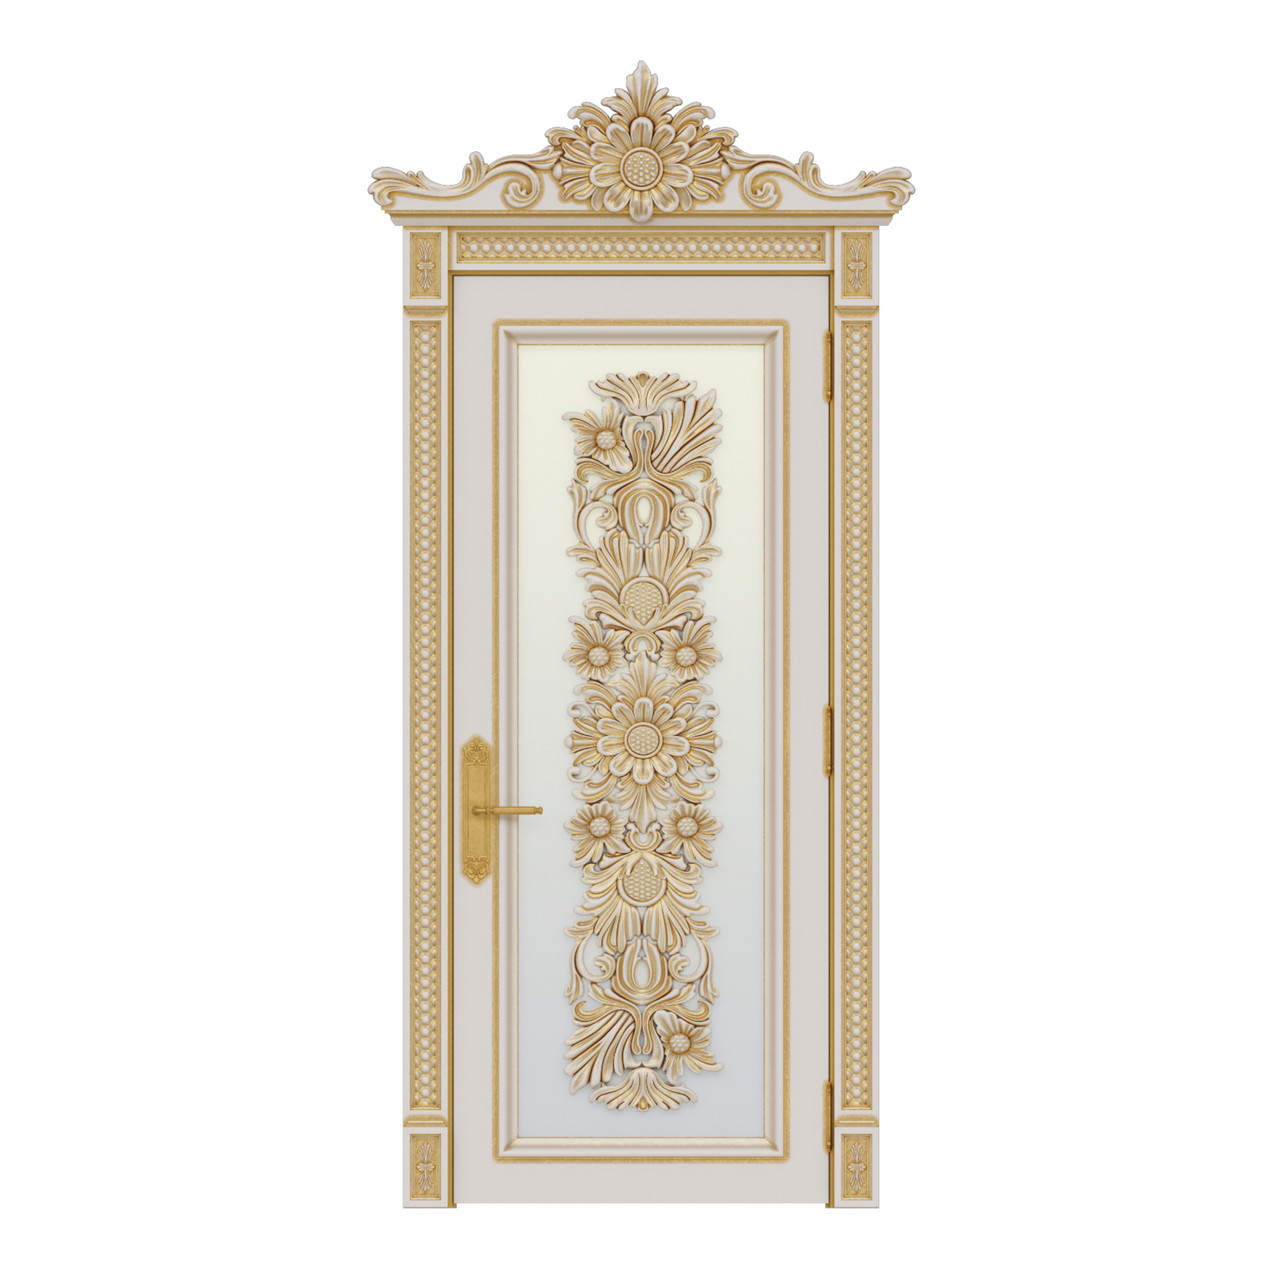 Межкомнатная дверь Casa Verdi Palazzo 5 из массива ольхи с золотой патиной со стеклом